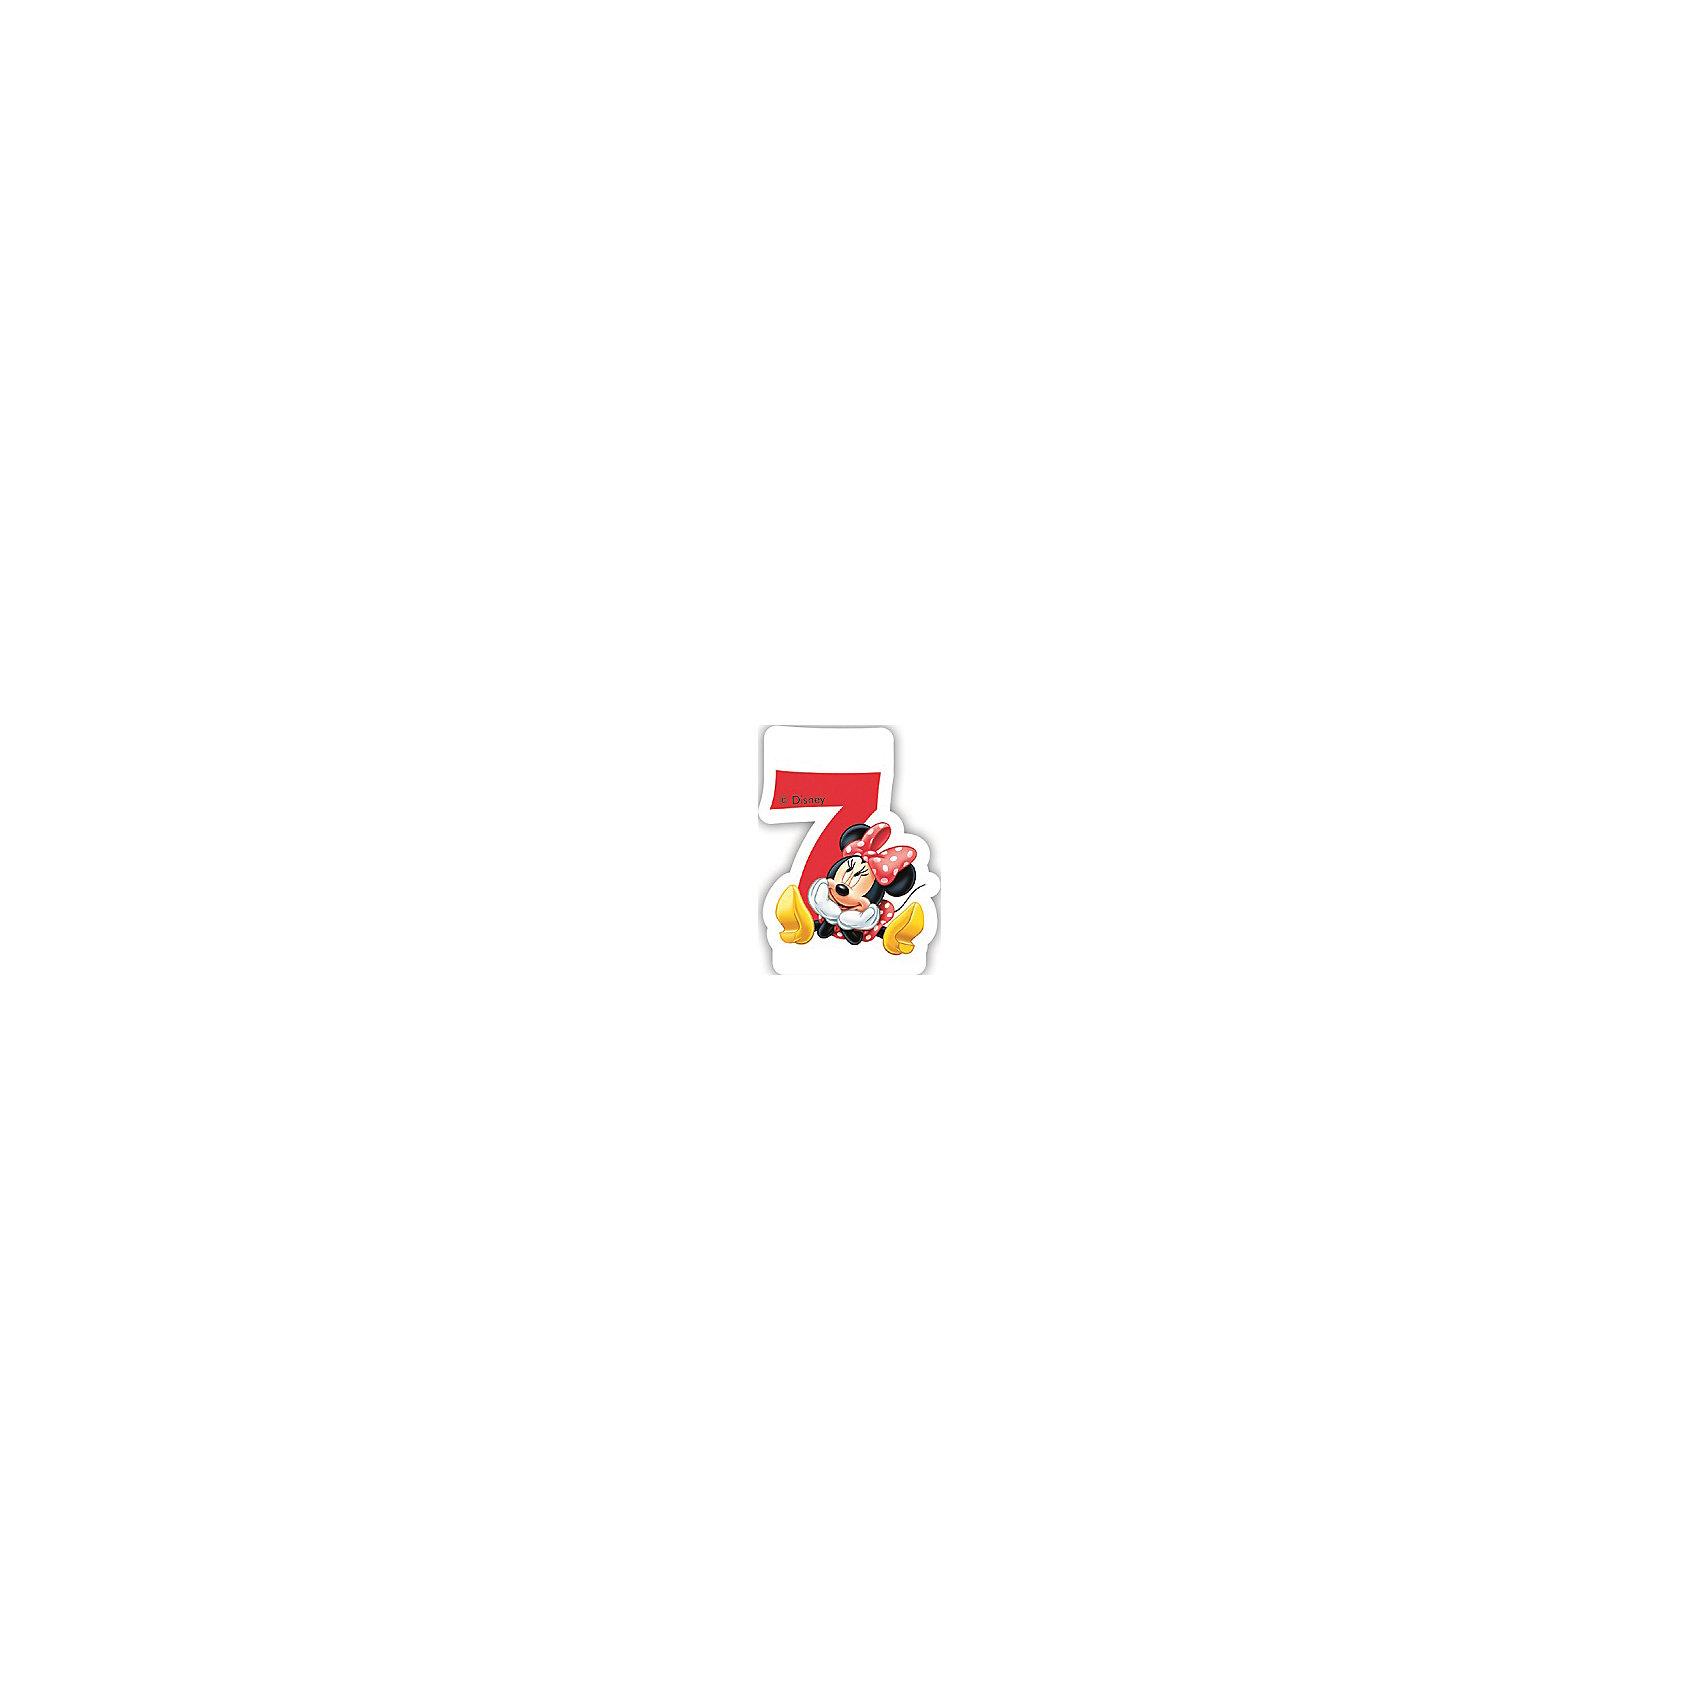 Объемная свечка Кафе Минни 7 летМинни Маус<br>Объемная свечка Кафе Минни,  украсит праздничный торт юной именинницы на ее 7-летие. Свечка выполнена в форме цифры 7 с фигуркой веселой мышки Минни из популярных диснеевских мультфильмов о мышонке Микки-Маусе и его друзьях. Яркая оригинальная свечка создаст волшебную атмосферу и уют на любимом детском празднике.<br><br>Дополнительная информация:<br><br>- Материал: парафин. <br>- Размер: 2,6 х 8,8 х 13 см.<br>- Вес: 150 гр. <br><br>Объемную свечку Кафе Минни 7 лет можно купить в нашем интернет-магазине.<br><br>Ширина мм: 26<br>Глубина мм: 88<br>Высота мм: 130<br>Вес г: 150<br>Возраст от месяцев: 36<br>Возраст до месяцев: 168<br>Пол: Женский<br>Возраст: Детский<br>SKU: 4008413